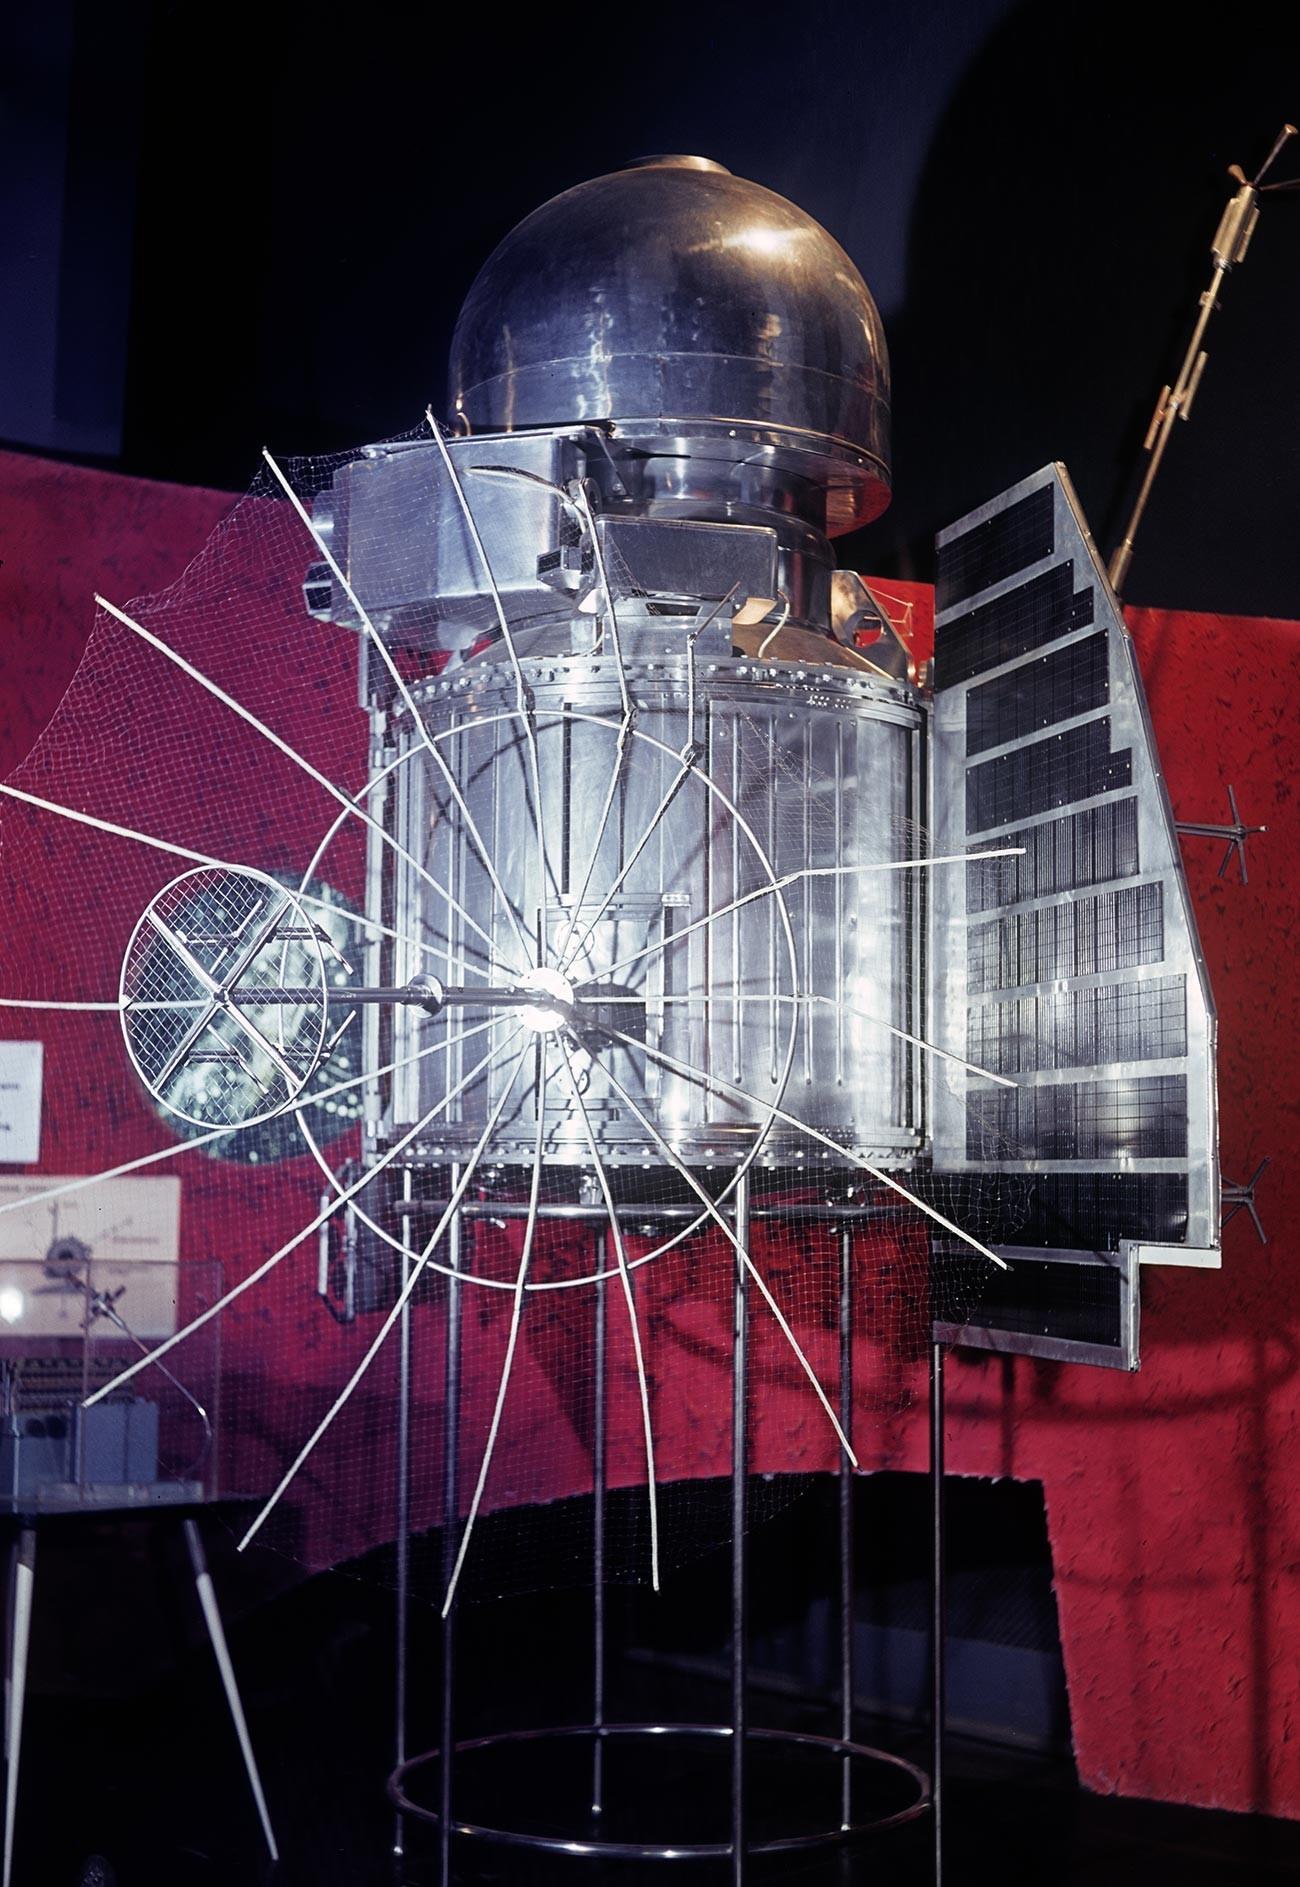 """Модел на автоматската меѓупланетарна станица """"Венера1"""", испратена на Венера на 12 февруари 1961 година. Изложба на достигнувањето на народното стопанство на СССР во Москва."""